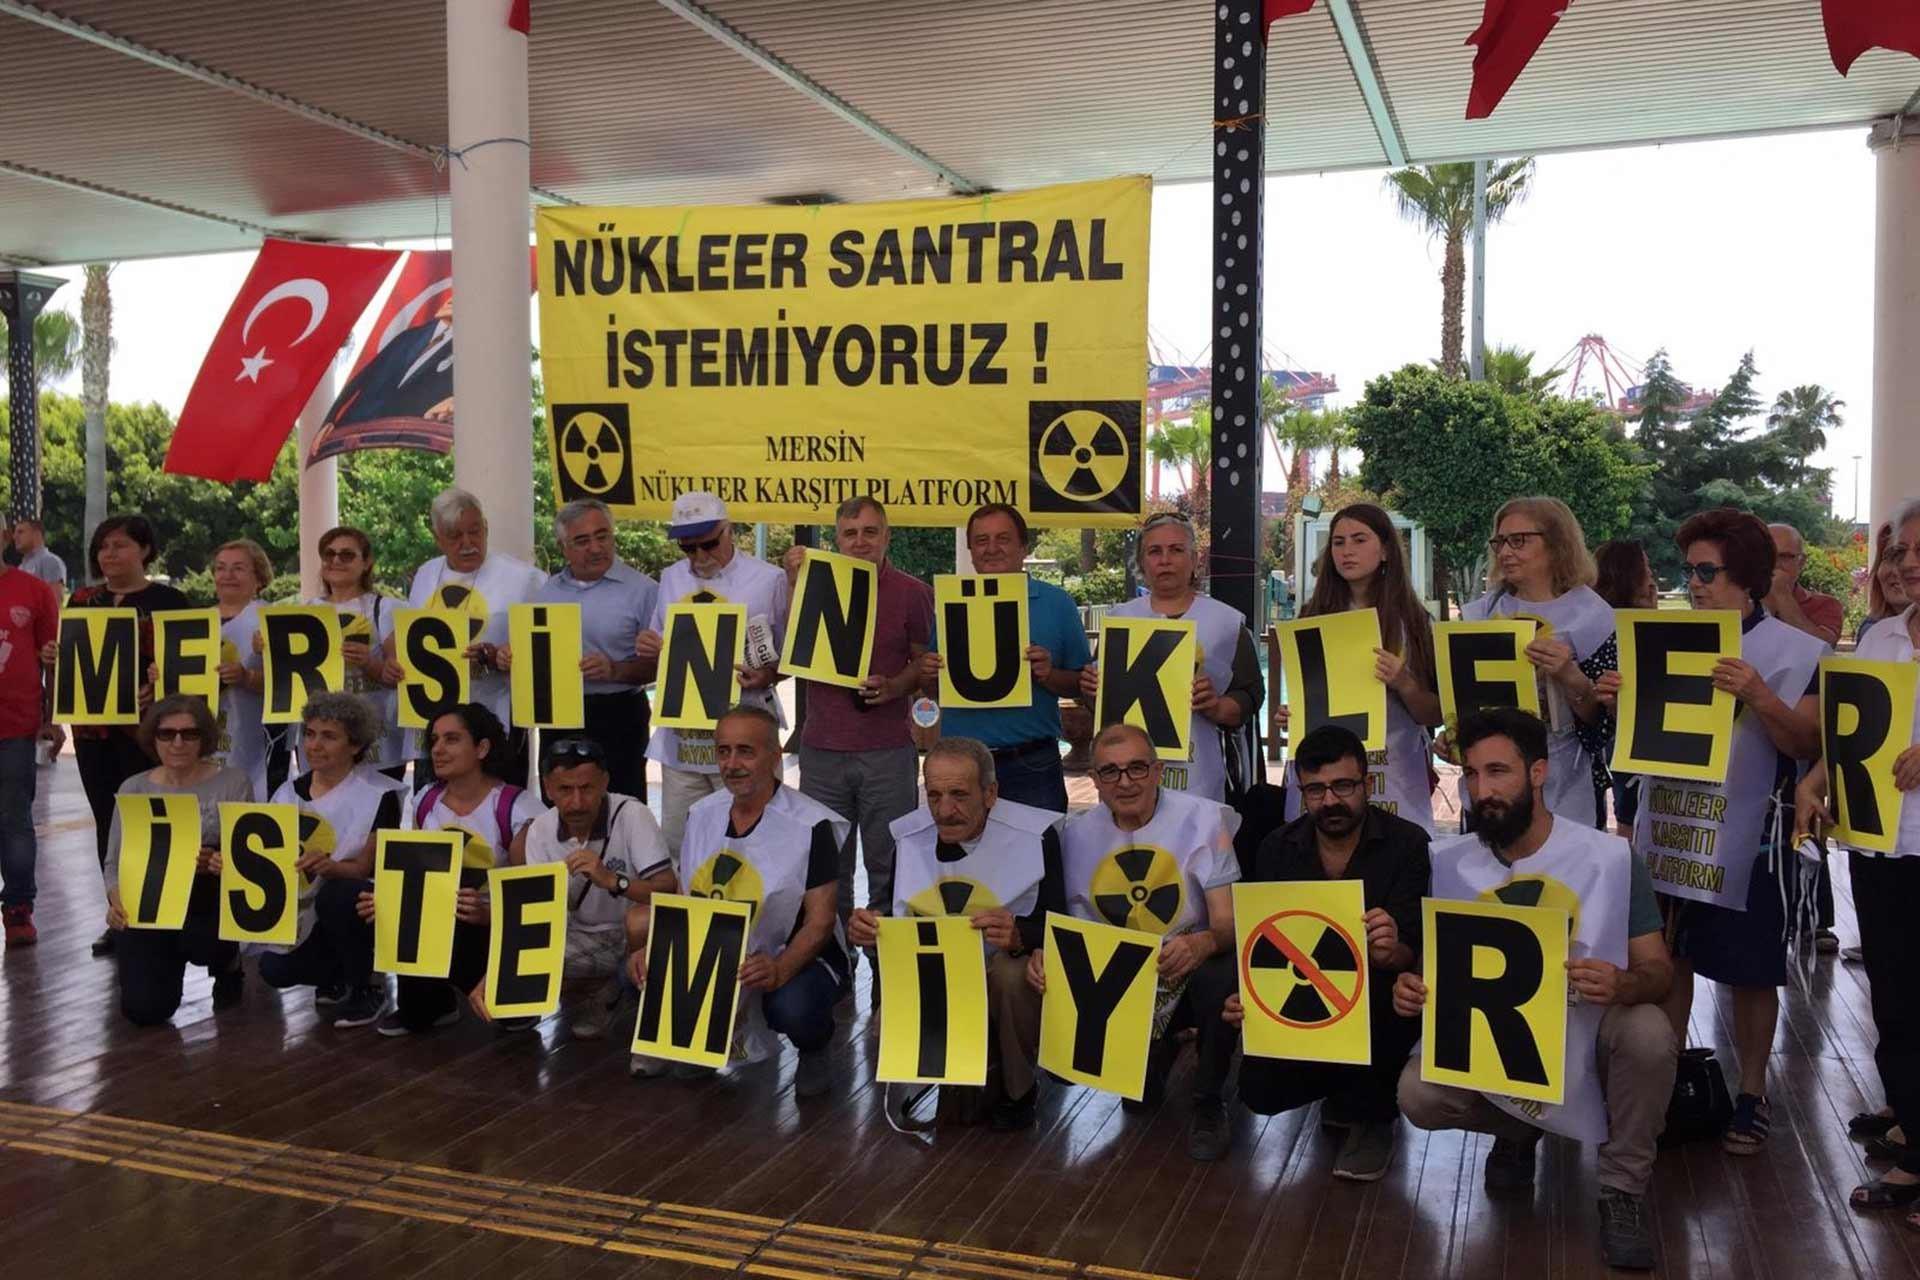 Akkuyu Nükleer Santralinde denetim yok çatlak var: Müteahhit kafasıyla yapılıyor